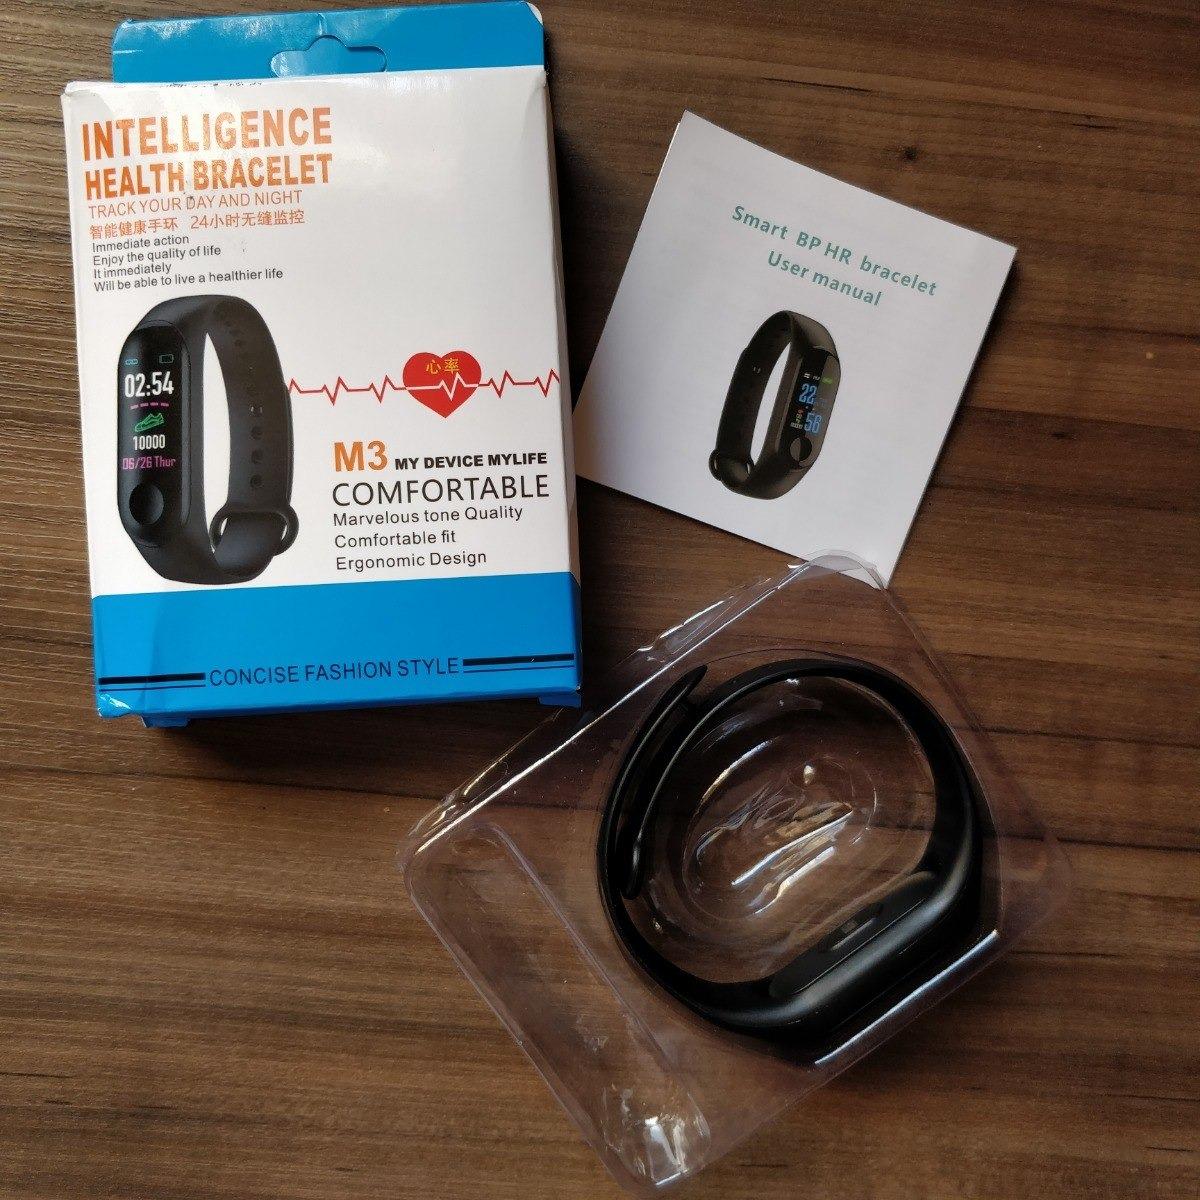 304b819fd96 relógio pulseira inteligente smartband 3 frequência cardíaca. Carregando  zoom.